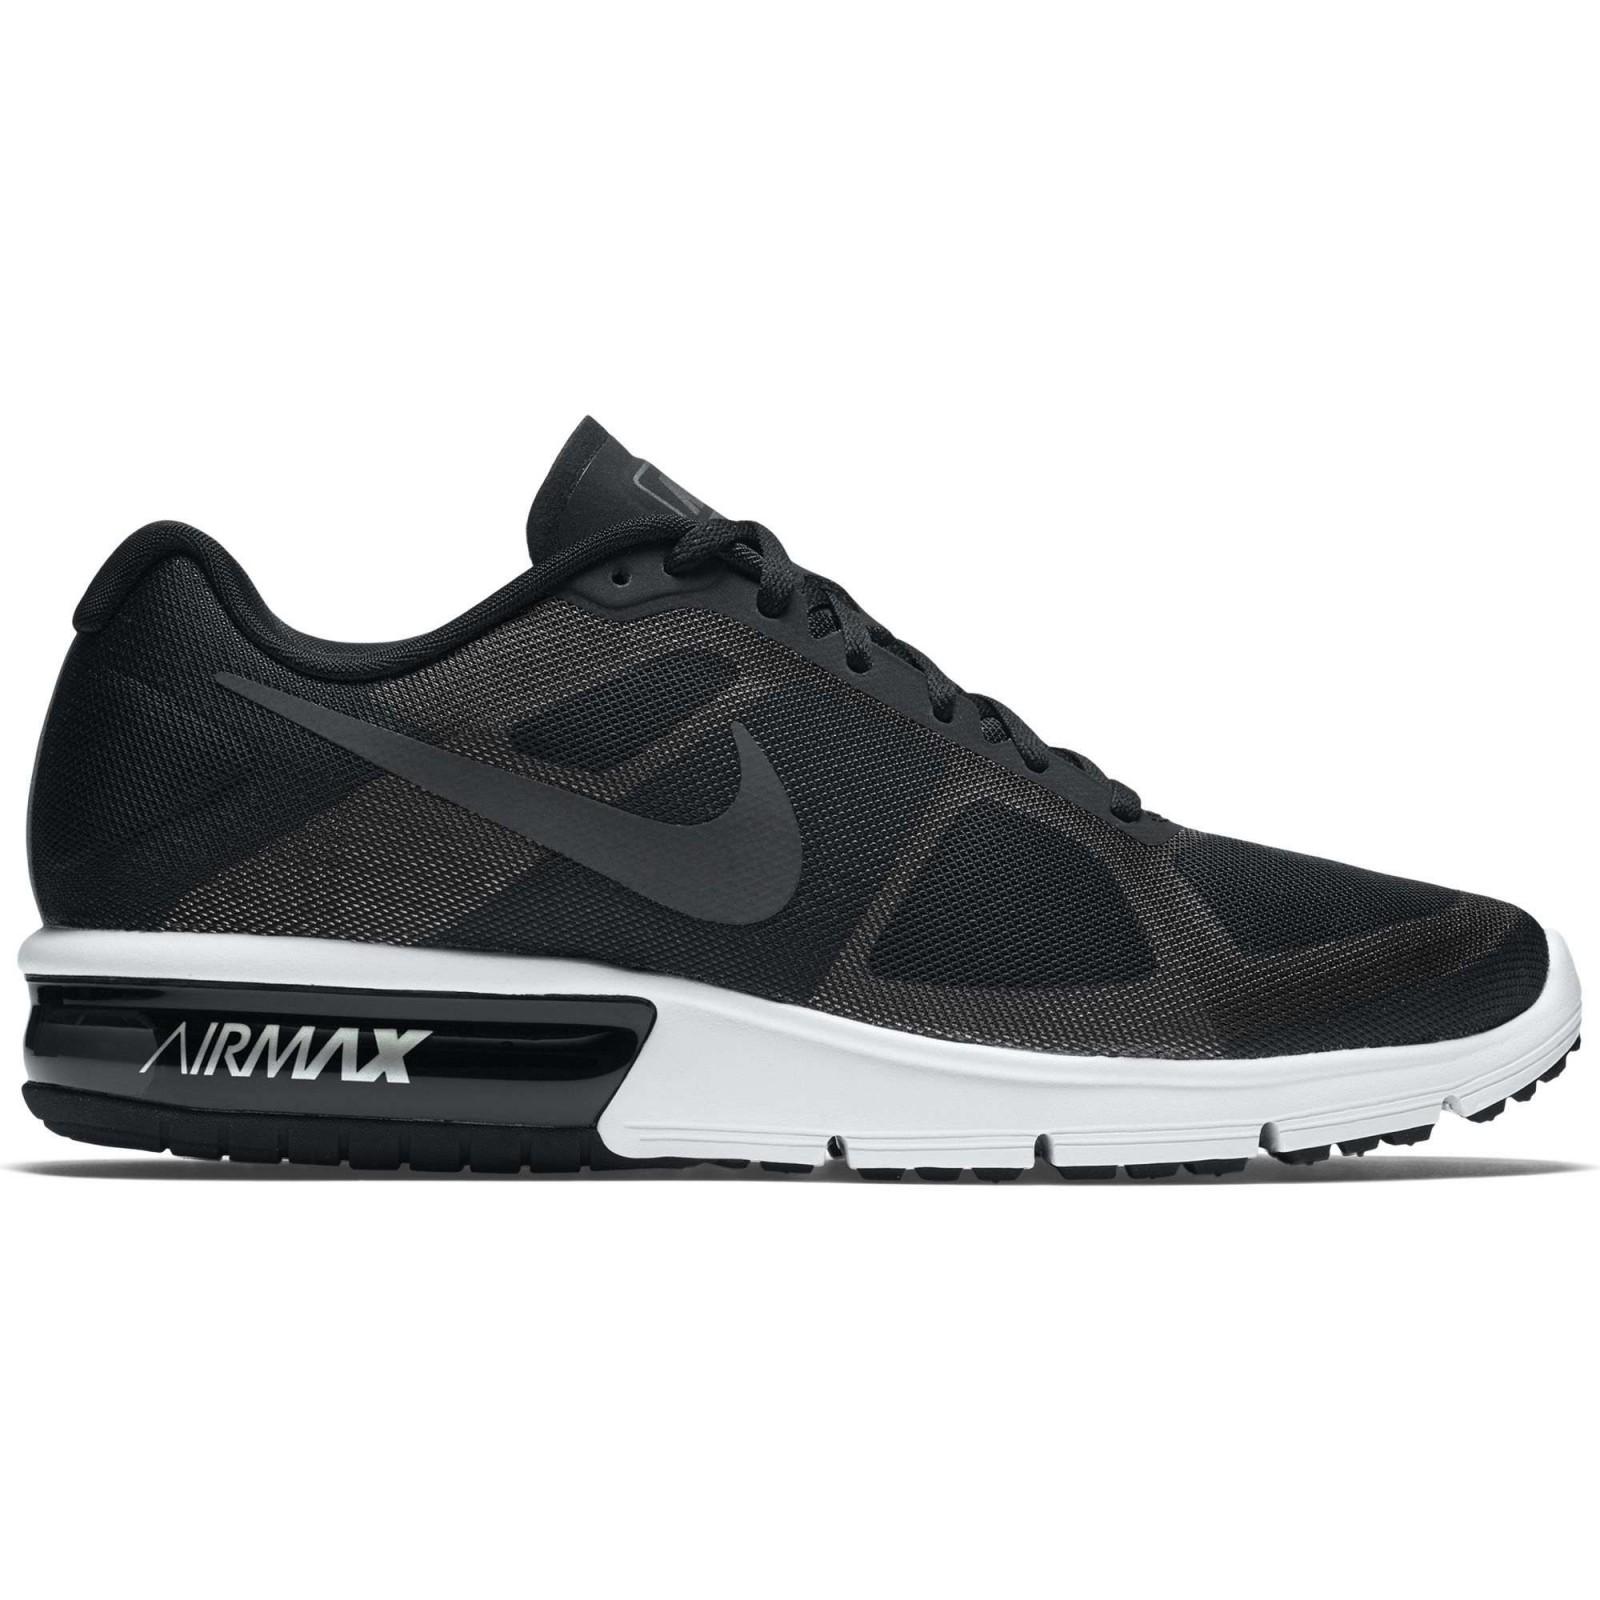 b451a51c3a4 ... Pánské tenisky Nike AIR MAX SEQUENT crazy price e37b5 d9abd ...